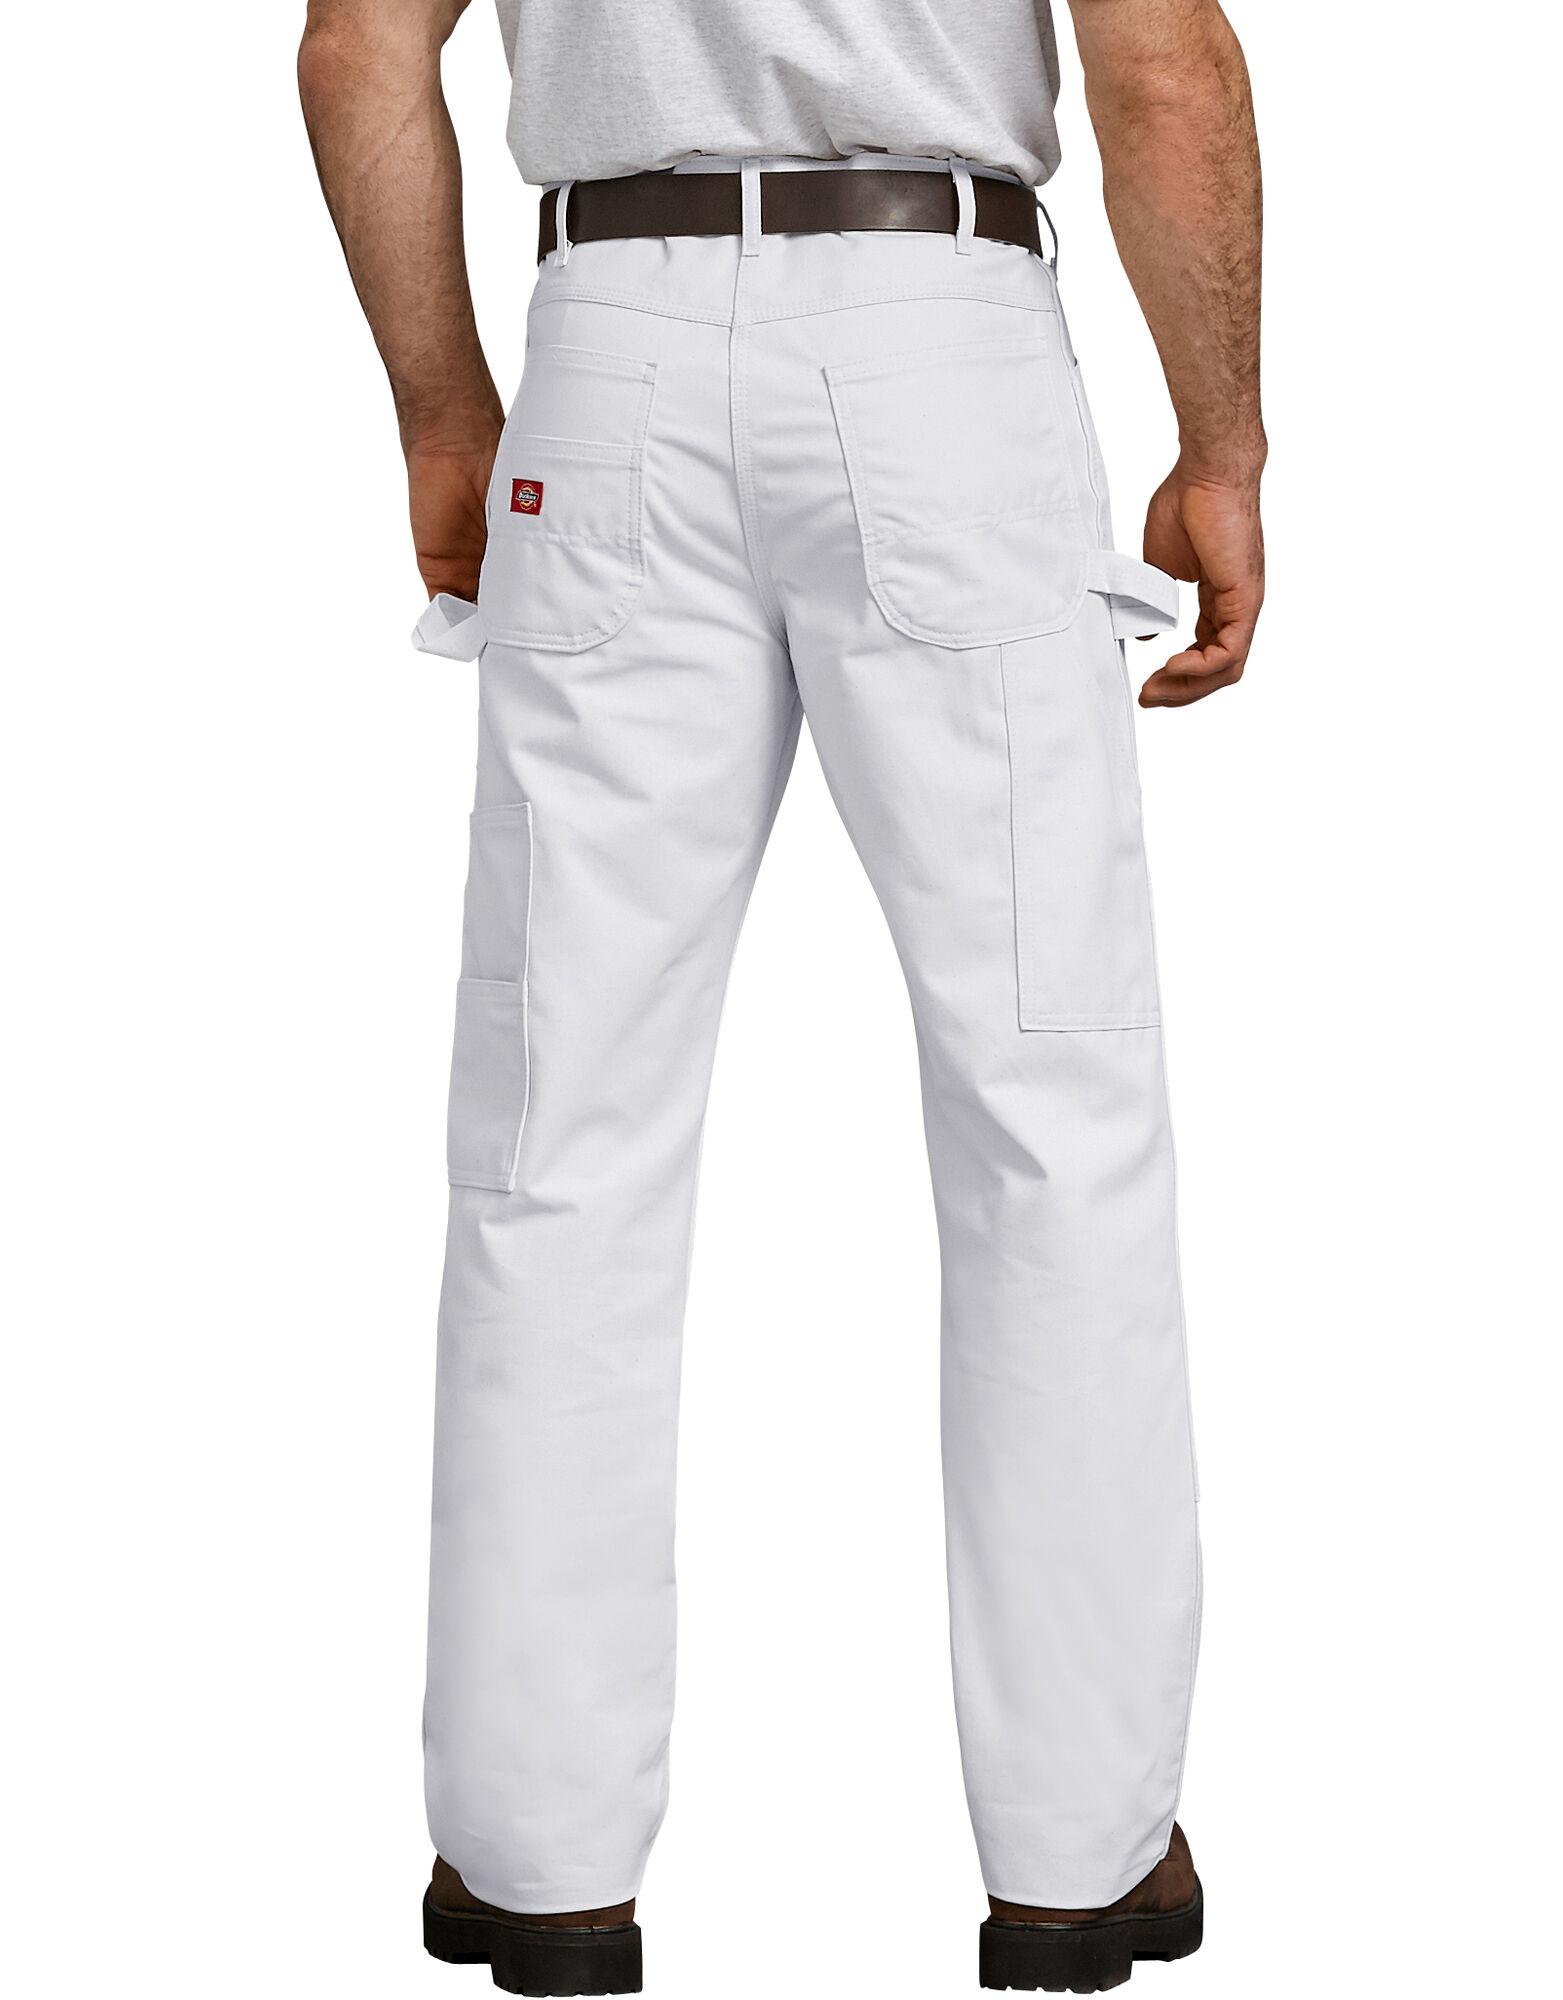 Utilitaire Avec Décontracté Pantalon Genou Doublé Y67yvgbf